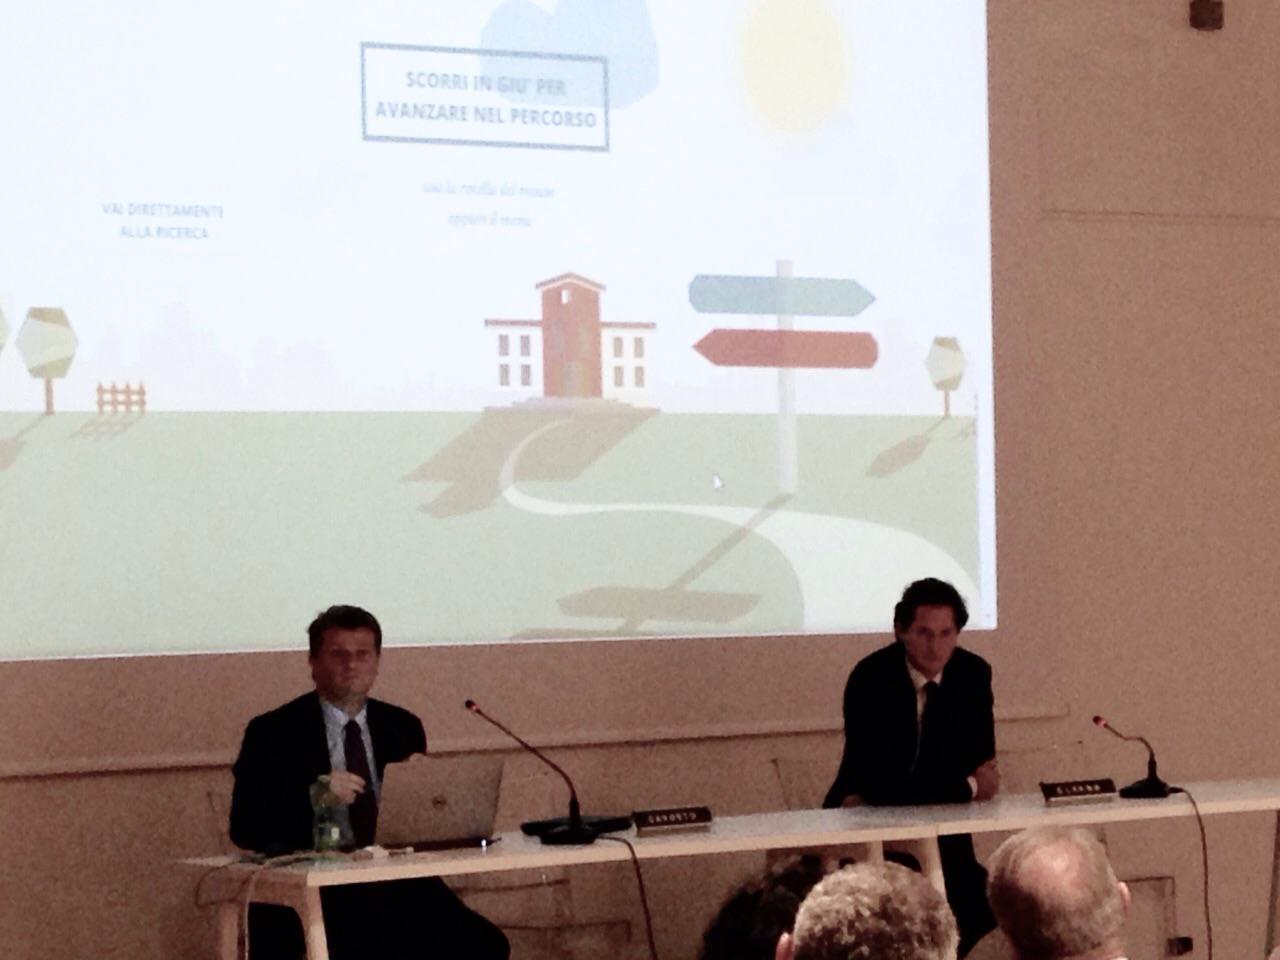 RT @_DCommunity_: Continua la presentazione di #eduscopio con #JohnElkann e @AGavosto, @FondAgnelli http://t.co/jrjtKERVvK http://t.co/SnnM…